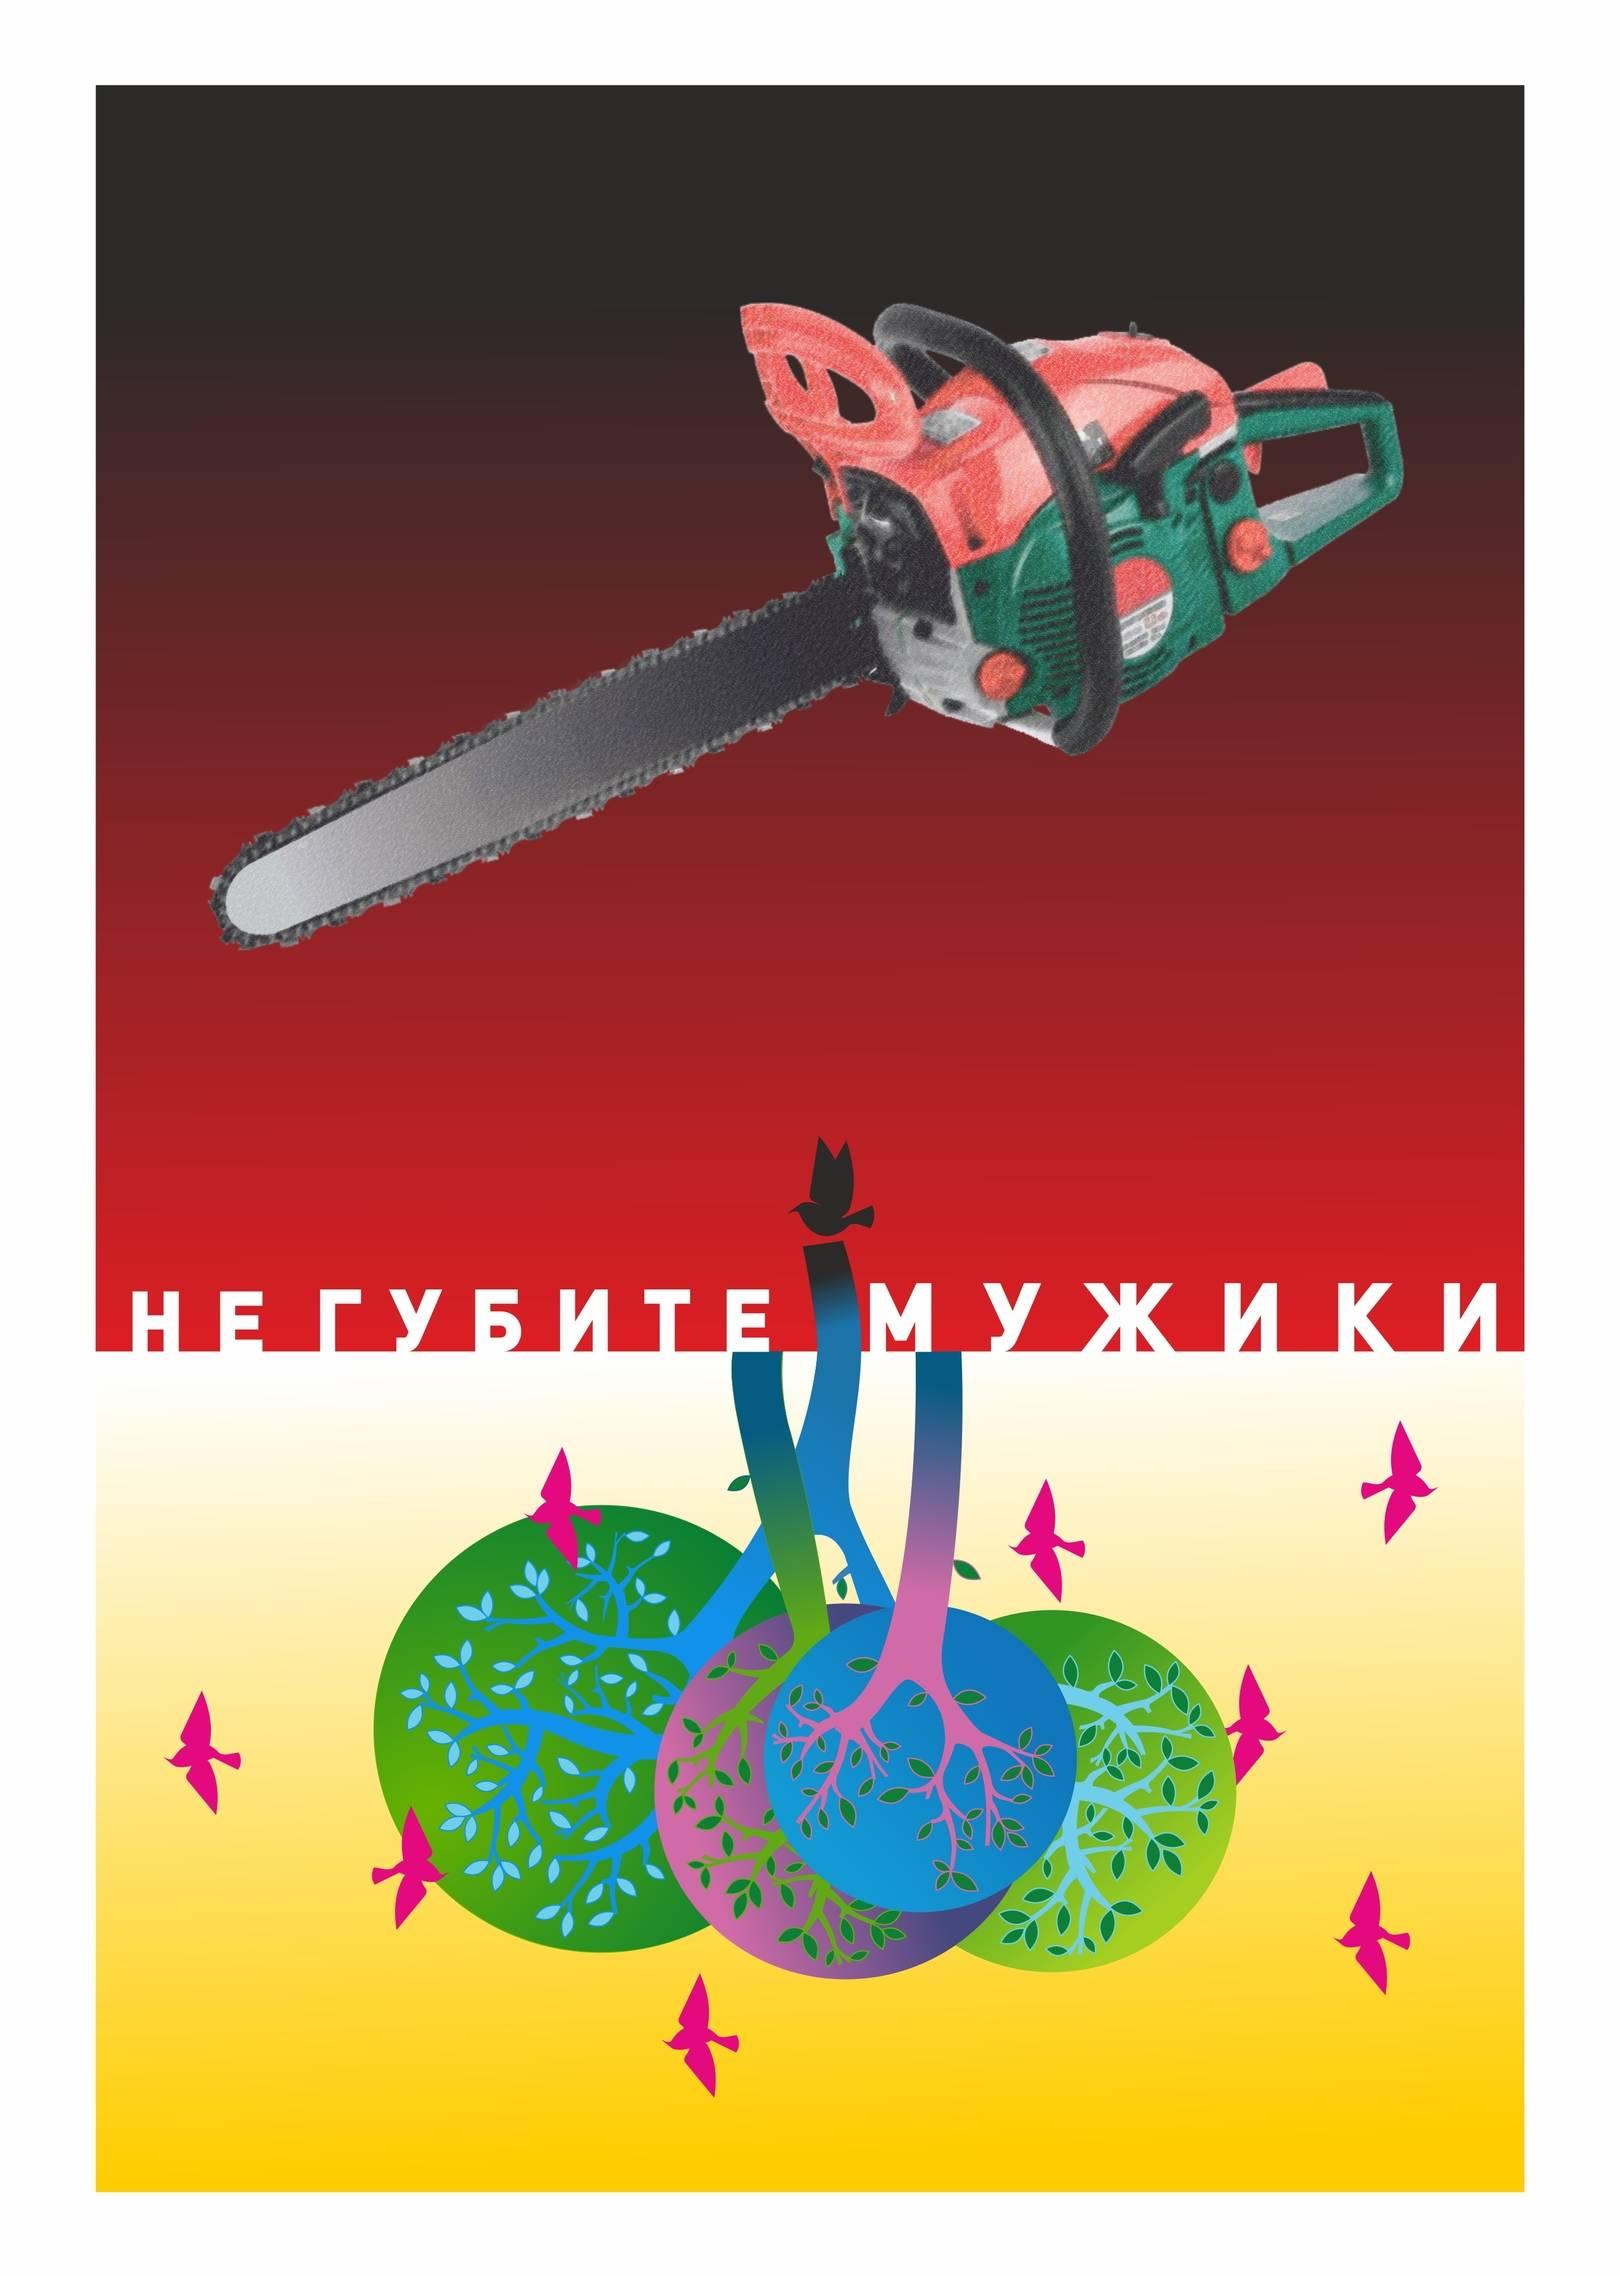 Постер по экологии.